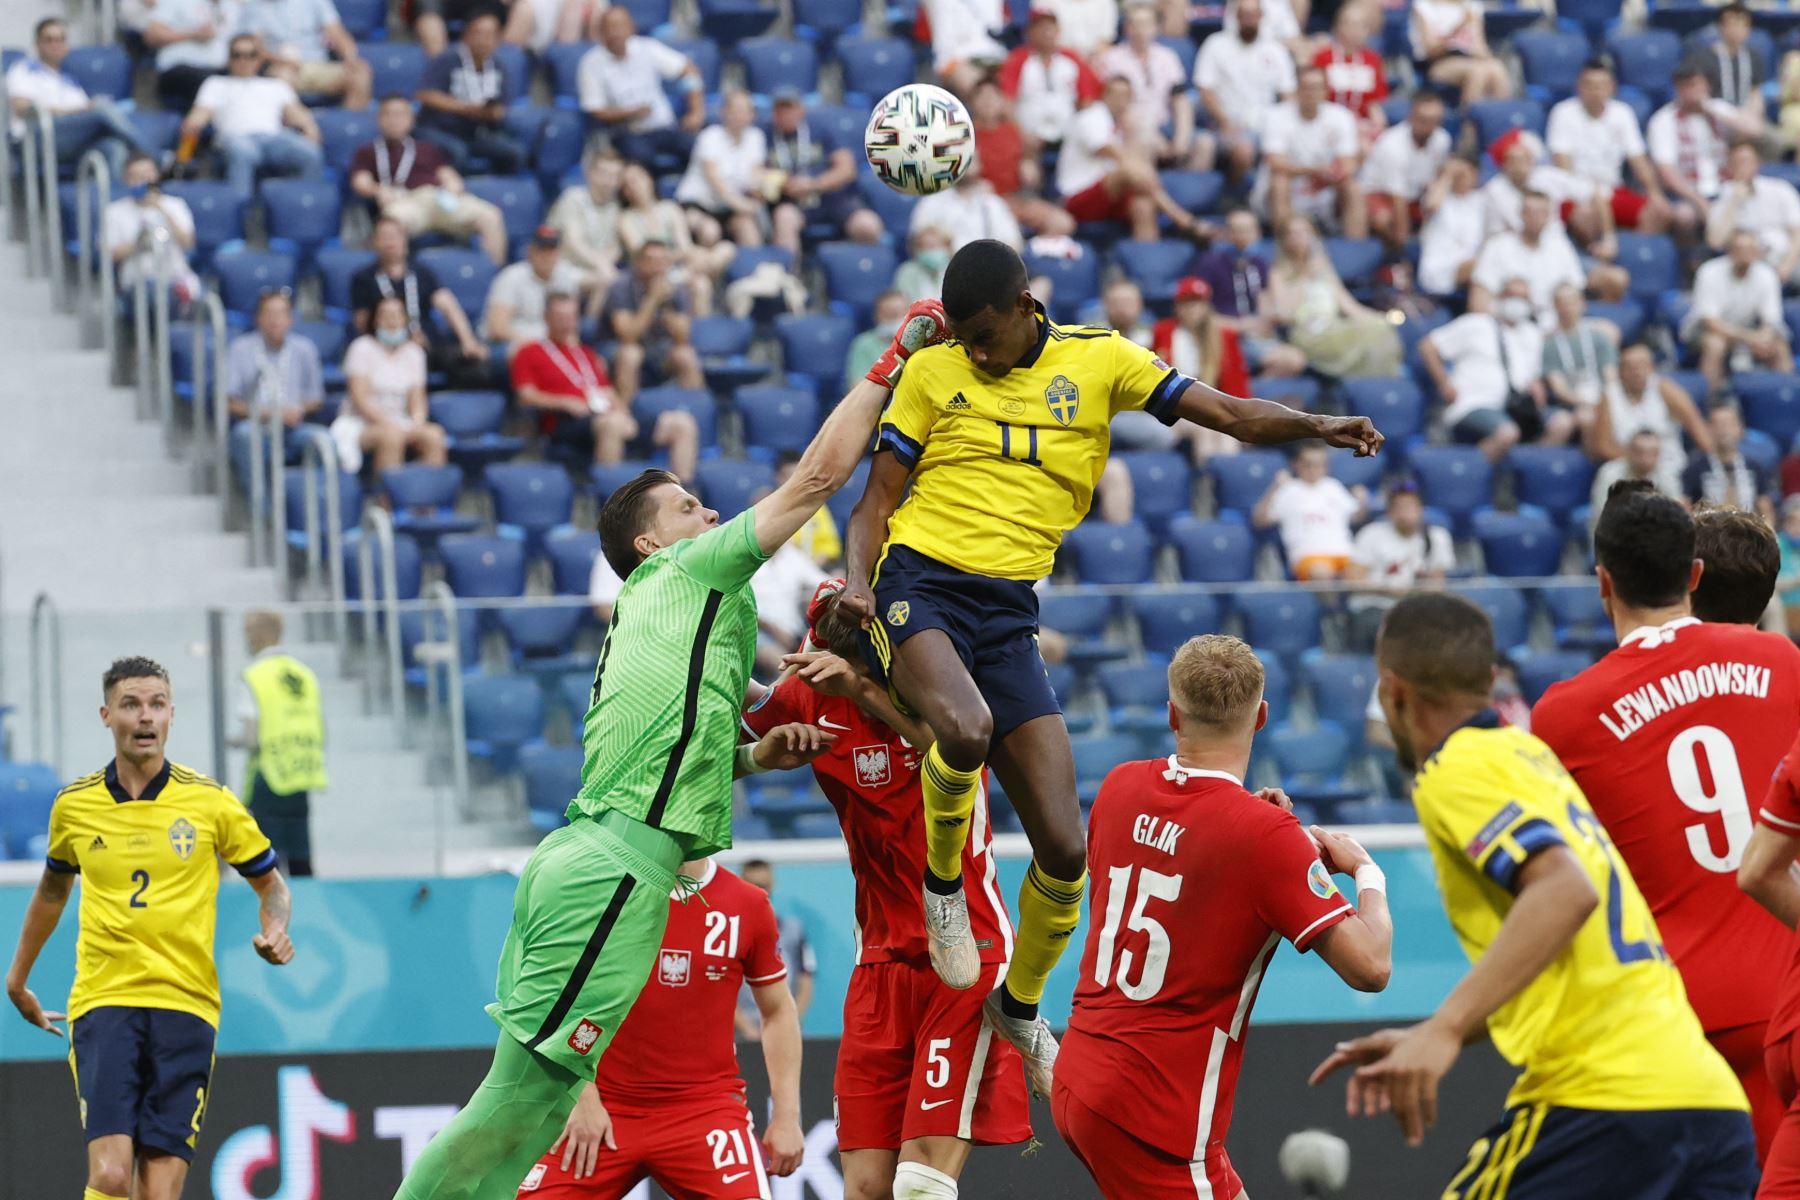 El delantero de Suecia Alexander Isak y el portero de Polonia Wojciech Szczesny saltan por el balón durante el partido por el Grupo E de la UEFA EURO 2020. Foto: AFP